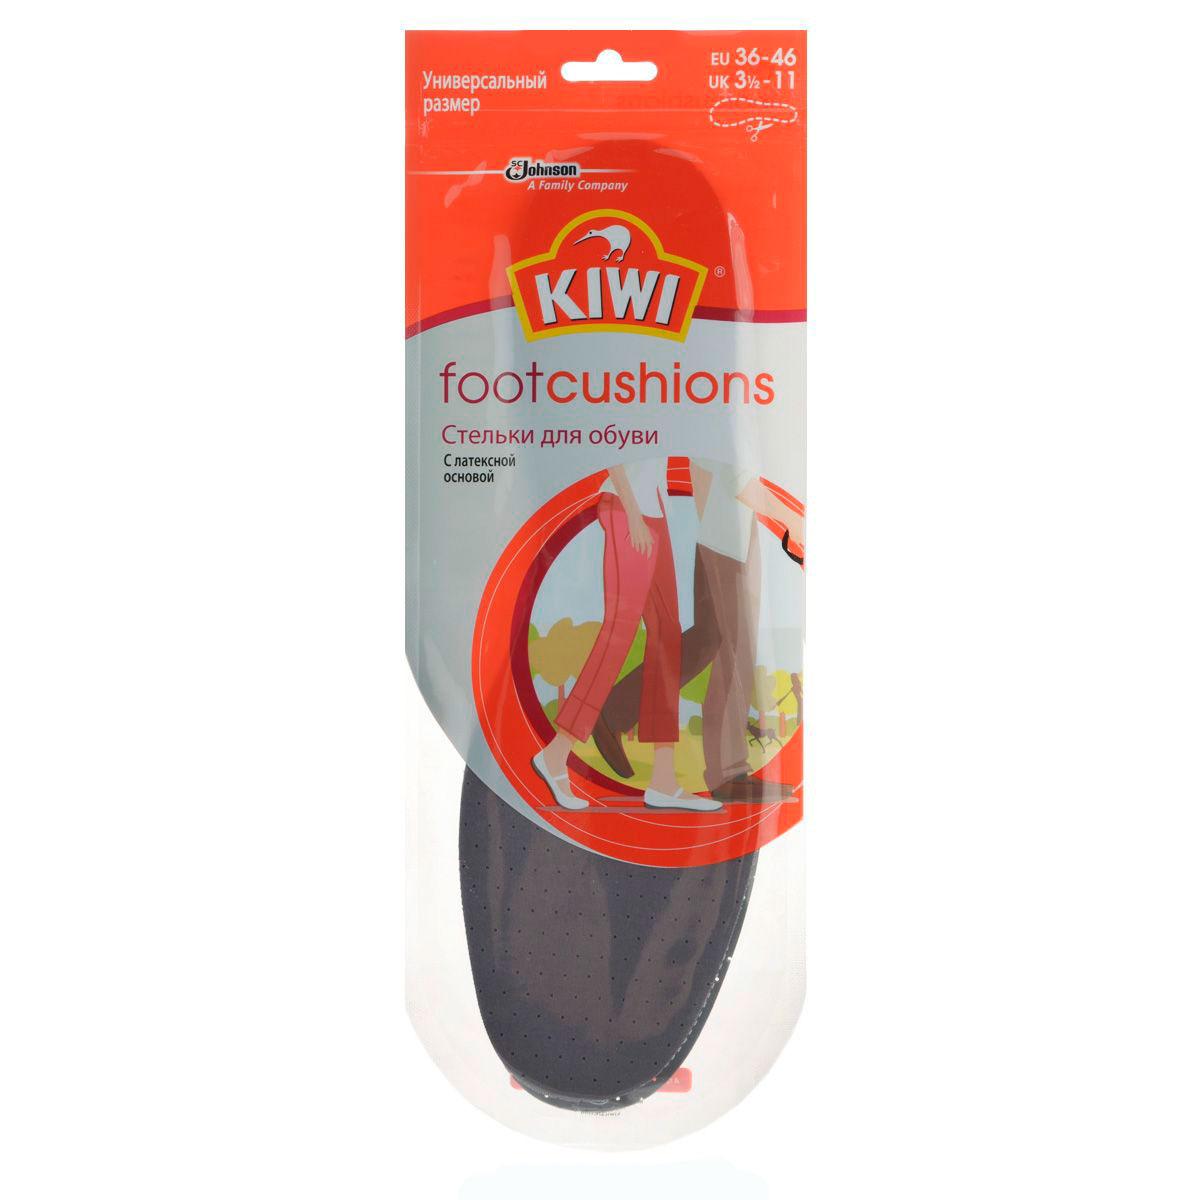 Стельки Kiwi с латексной основой footcushiouns